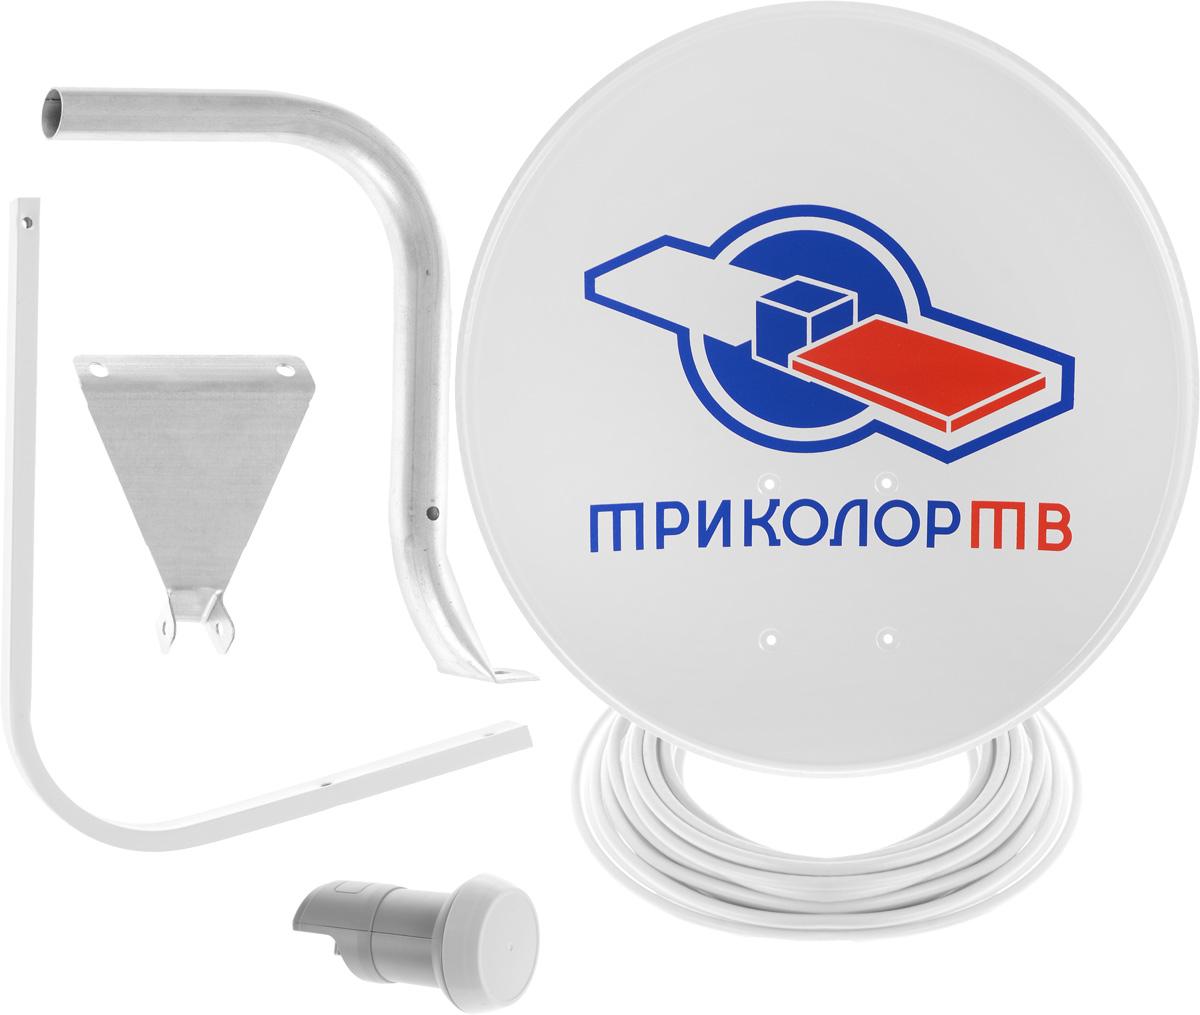 Триколор спутниковая антенна с кронштейномant_komКомплект для установки спутникового телевидения Триколор (антенна, конвертор, кронштейн, кабель, крепеж) включает все необходимое для самостоятельной установки. Спутниковая антенна, входящая в данный комплект, предназначена для приема телевизионных сигналов с геостационарных спутников Земли в Ku-диапазоне (10,7- 12,75 ГГц) круговой поляризации.